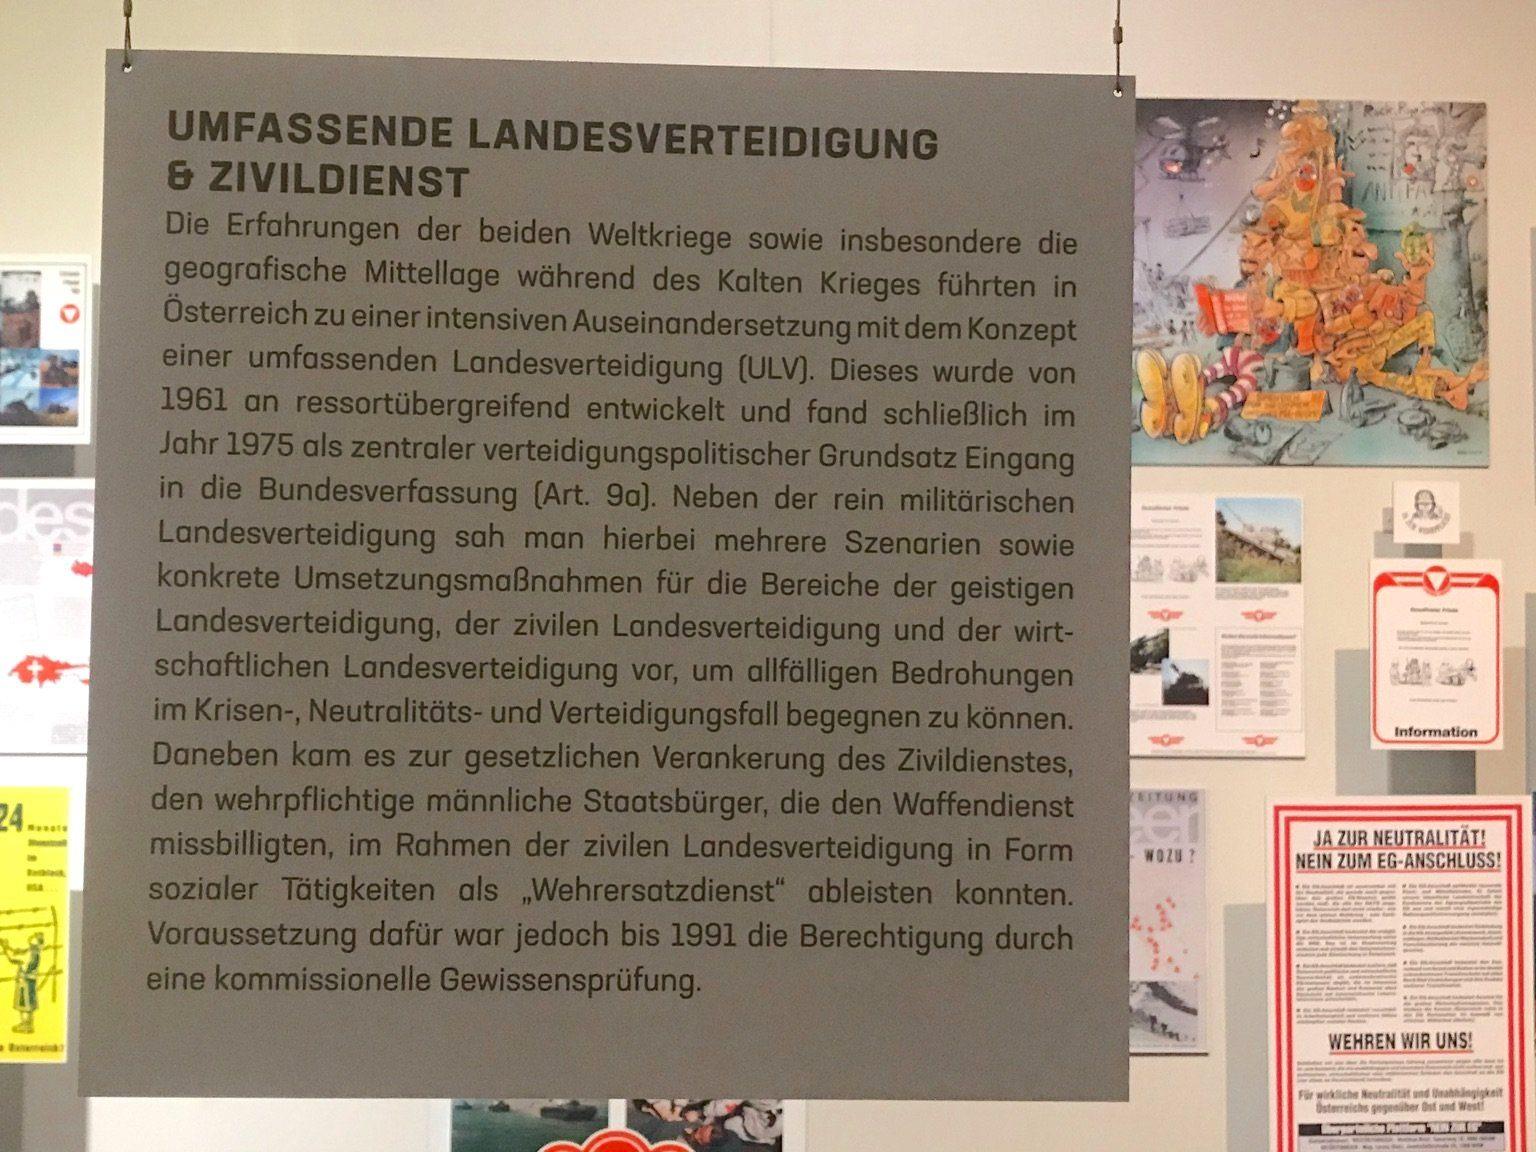 """Erklärtafel zum Komplex """"Umfassende Landesverteidigung und Zivildienst"""""""